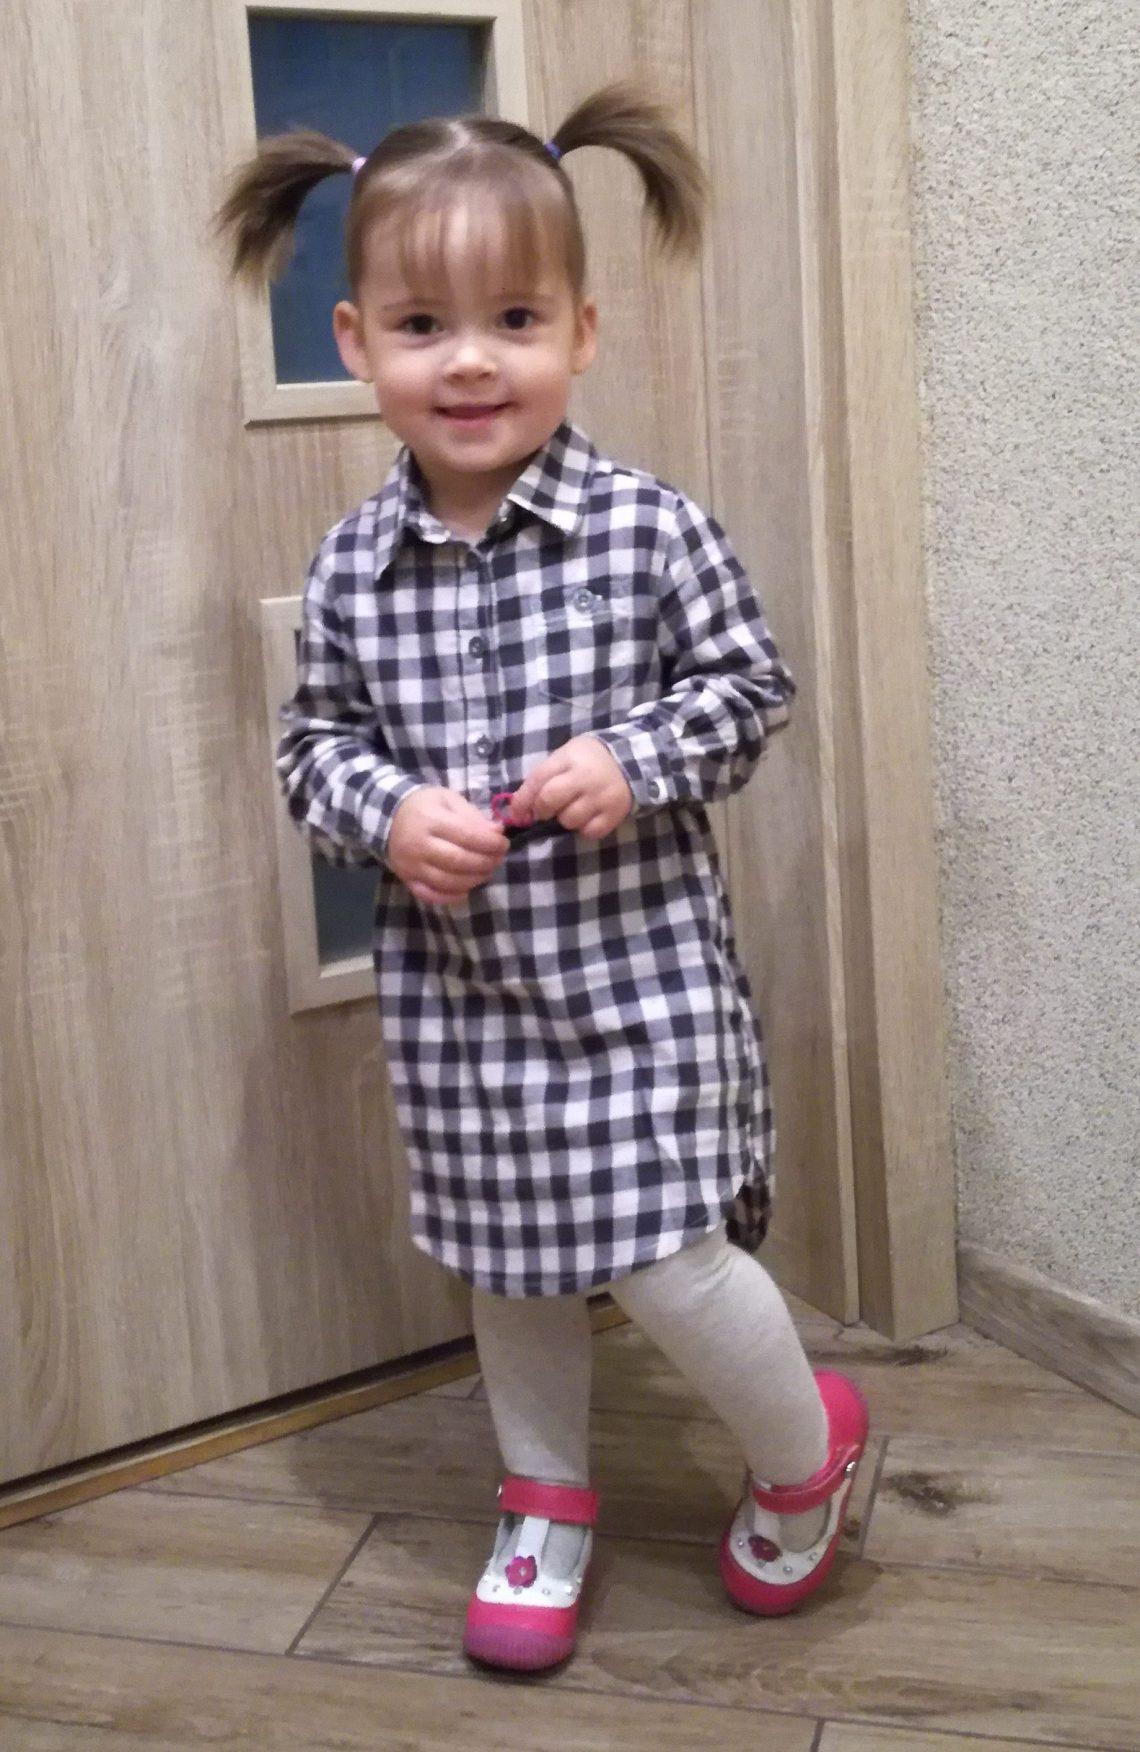 Mała dziewczynka w ubraniach marki H&M